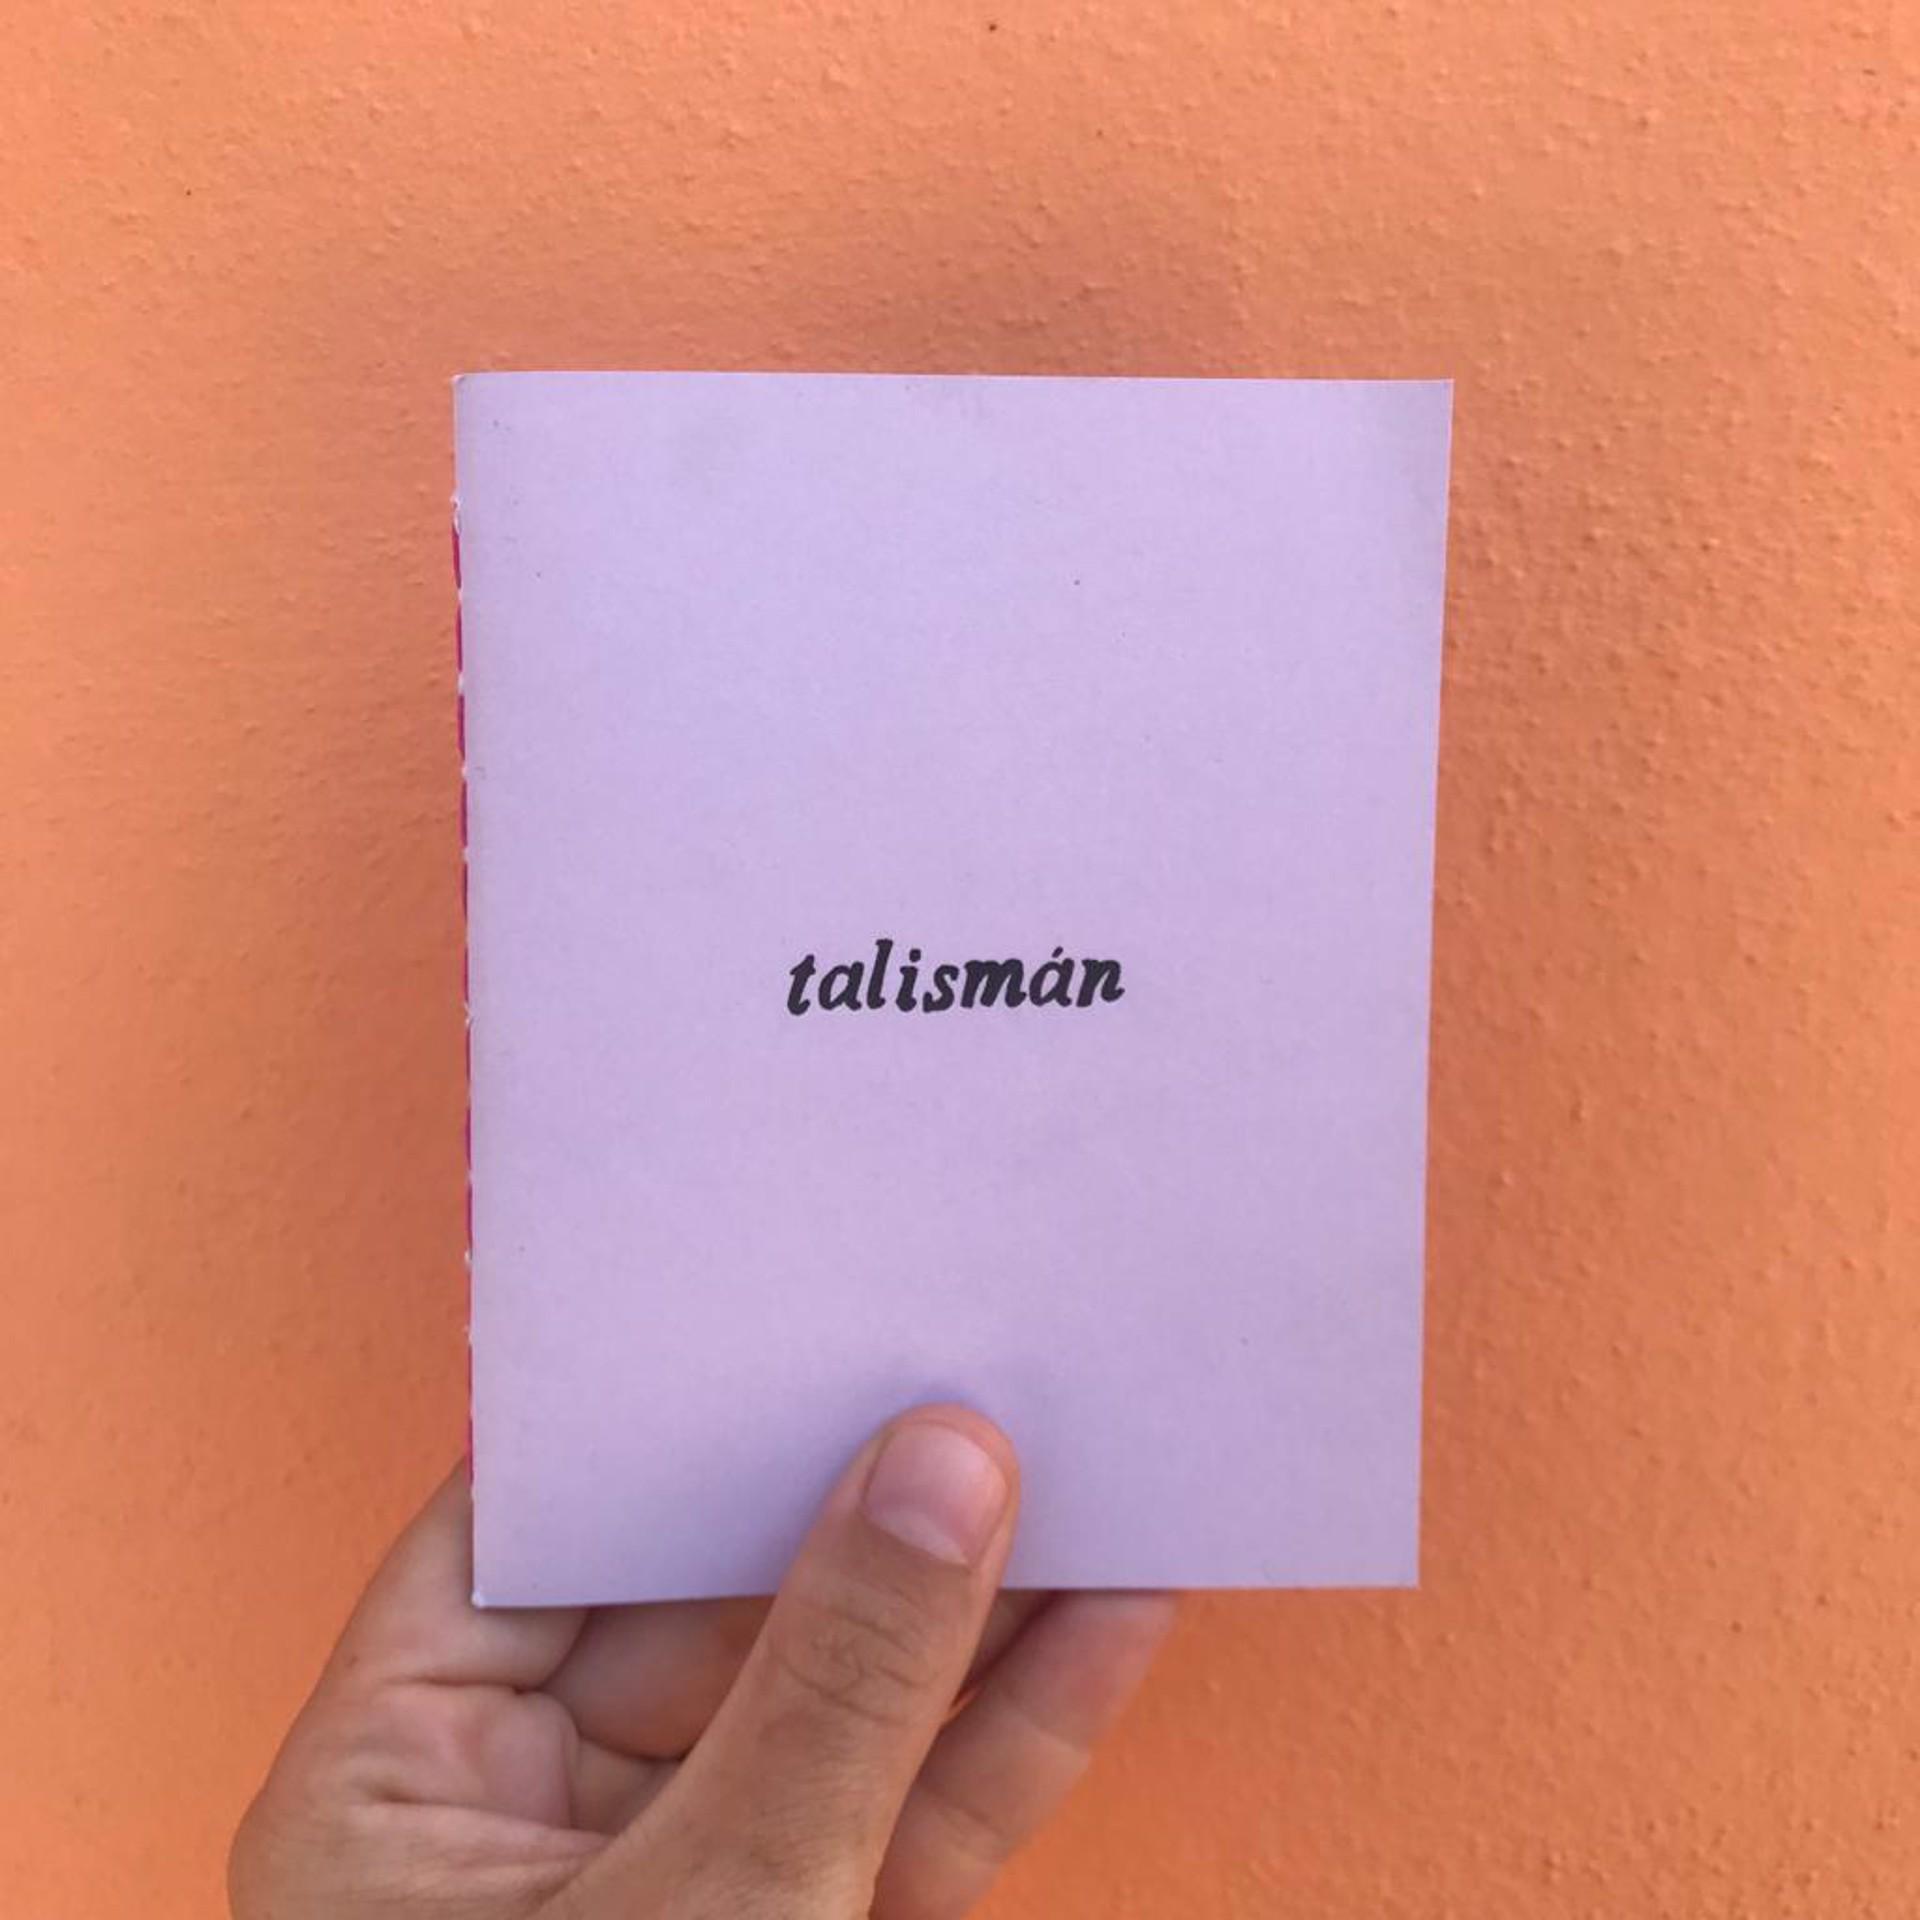 Talismán: Objetos mágicos ilustrados por mujeres en México  by Polvoh Press